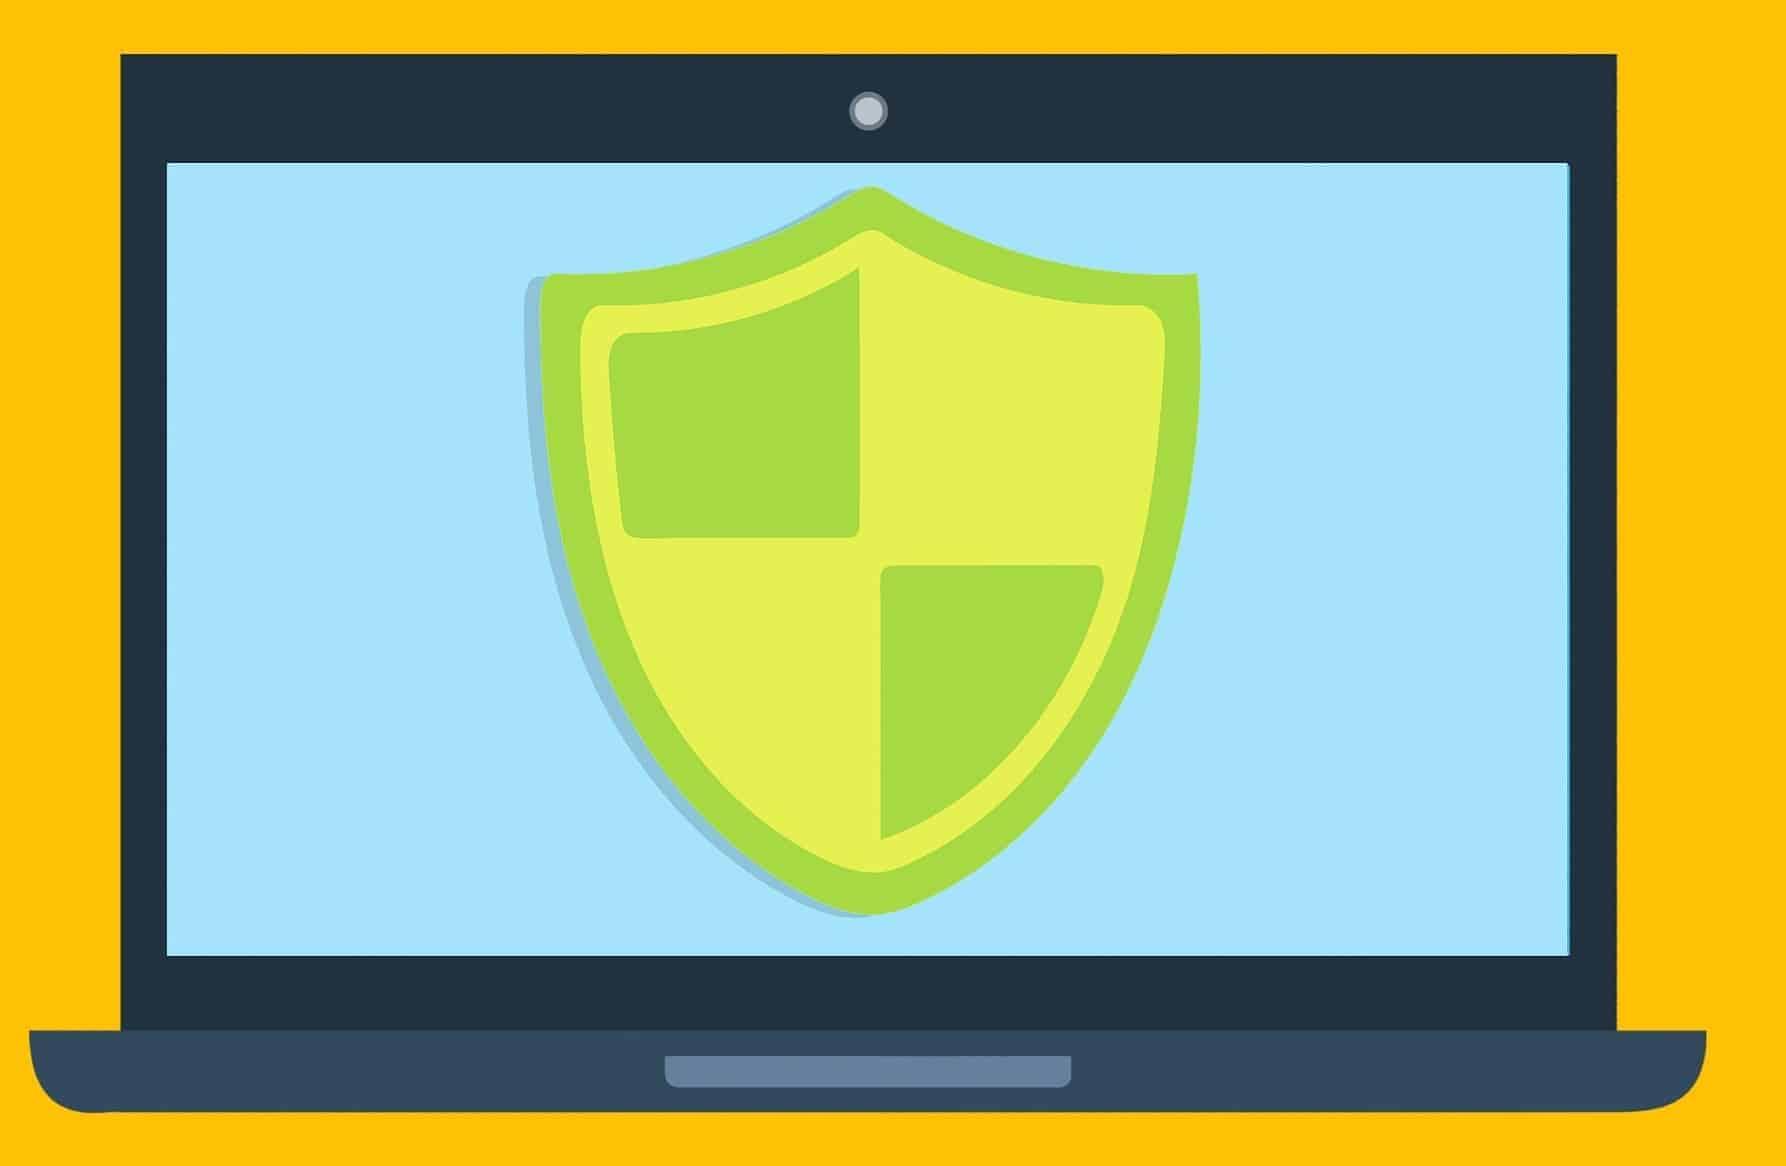 Απεγκατάσταση Avast και AVG Antivirus (Οδηγός 2019)